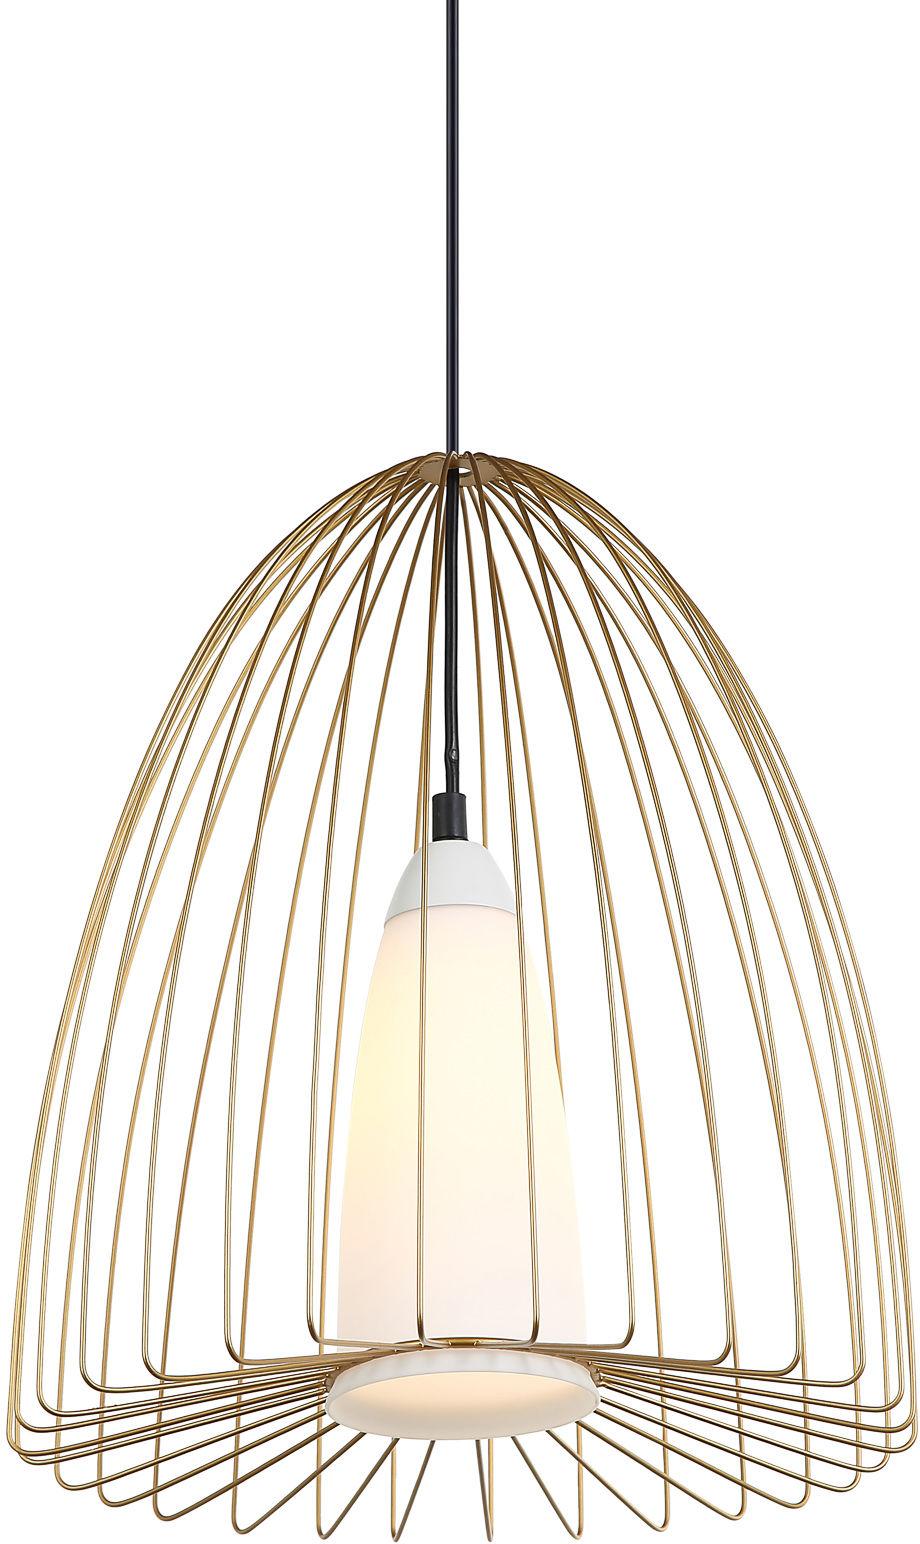 Italux lampa wisząca Lexi MDM-4017/1 GD złota druciana biały szklany klosz 33cm